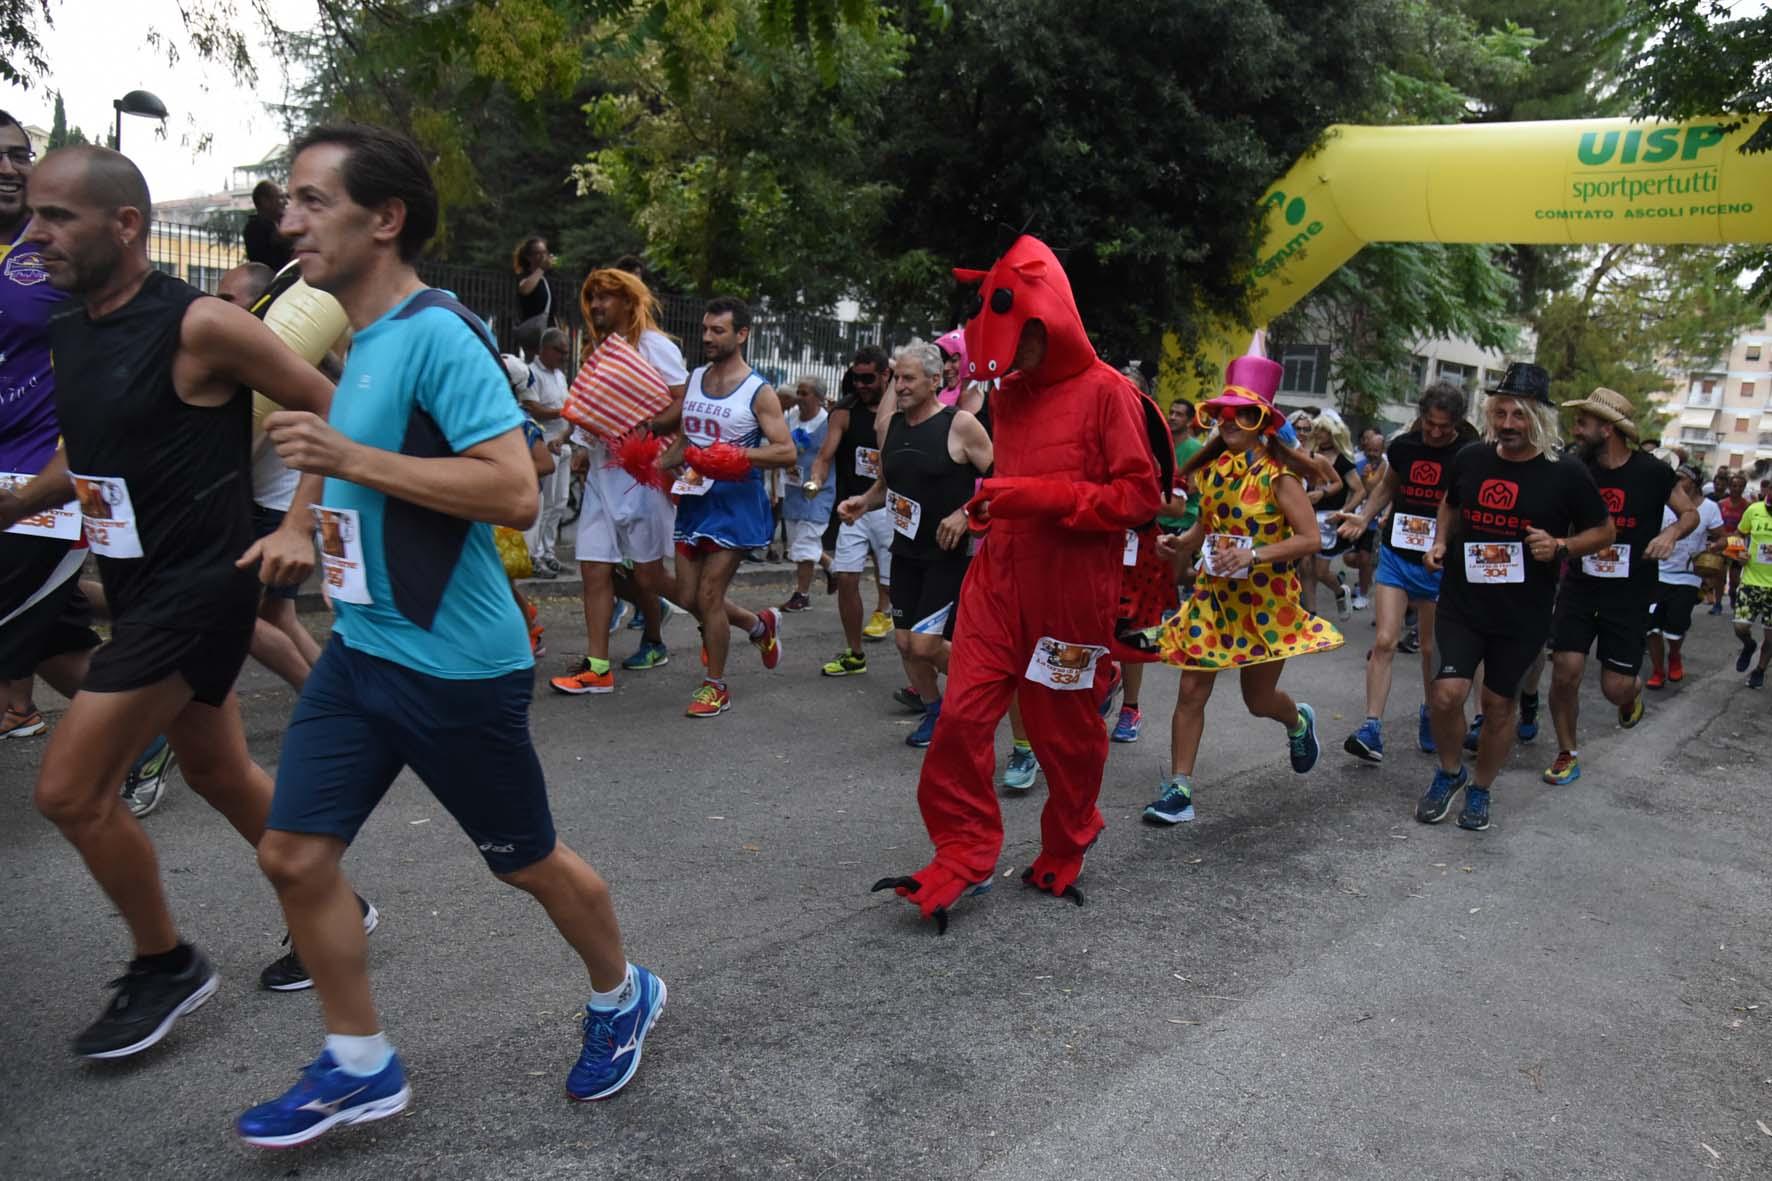 maraton con birra 5